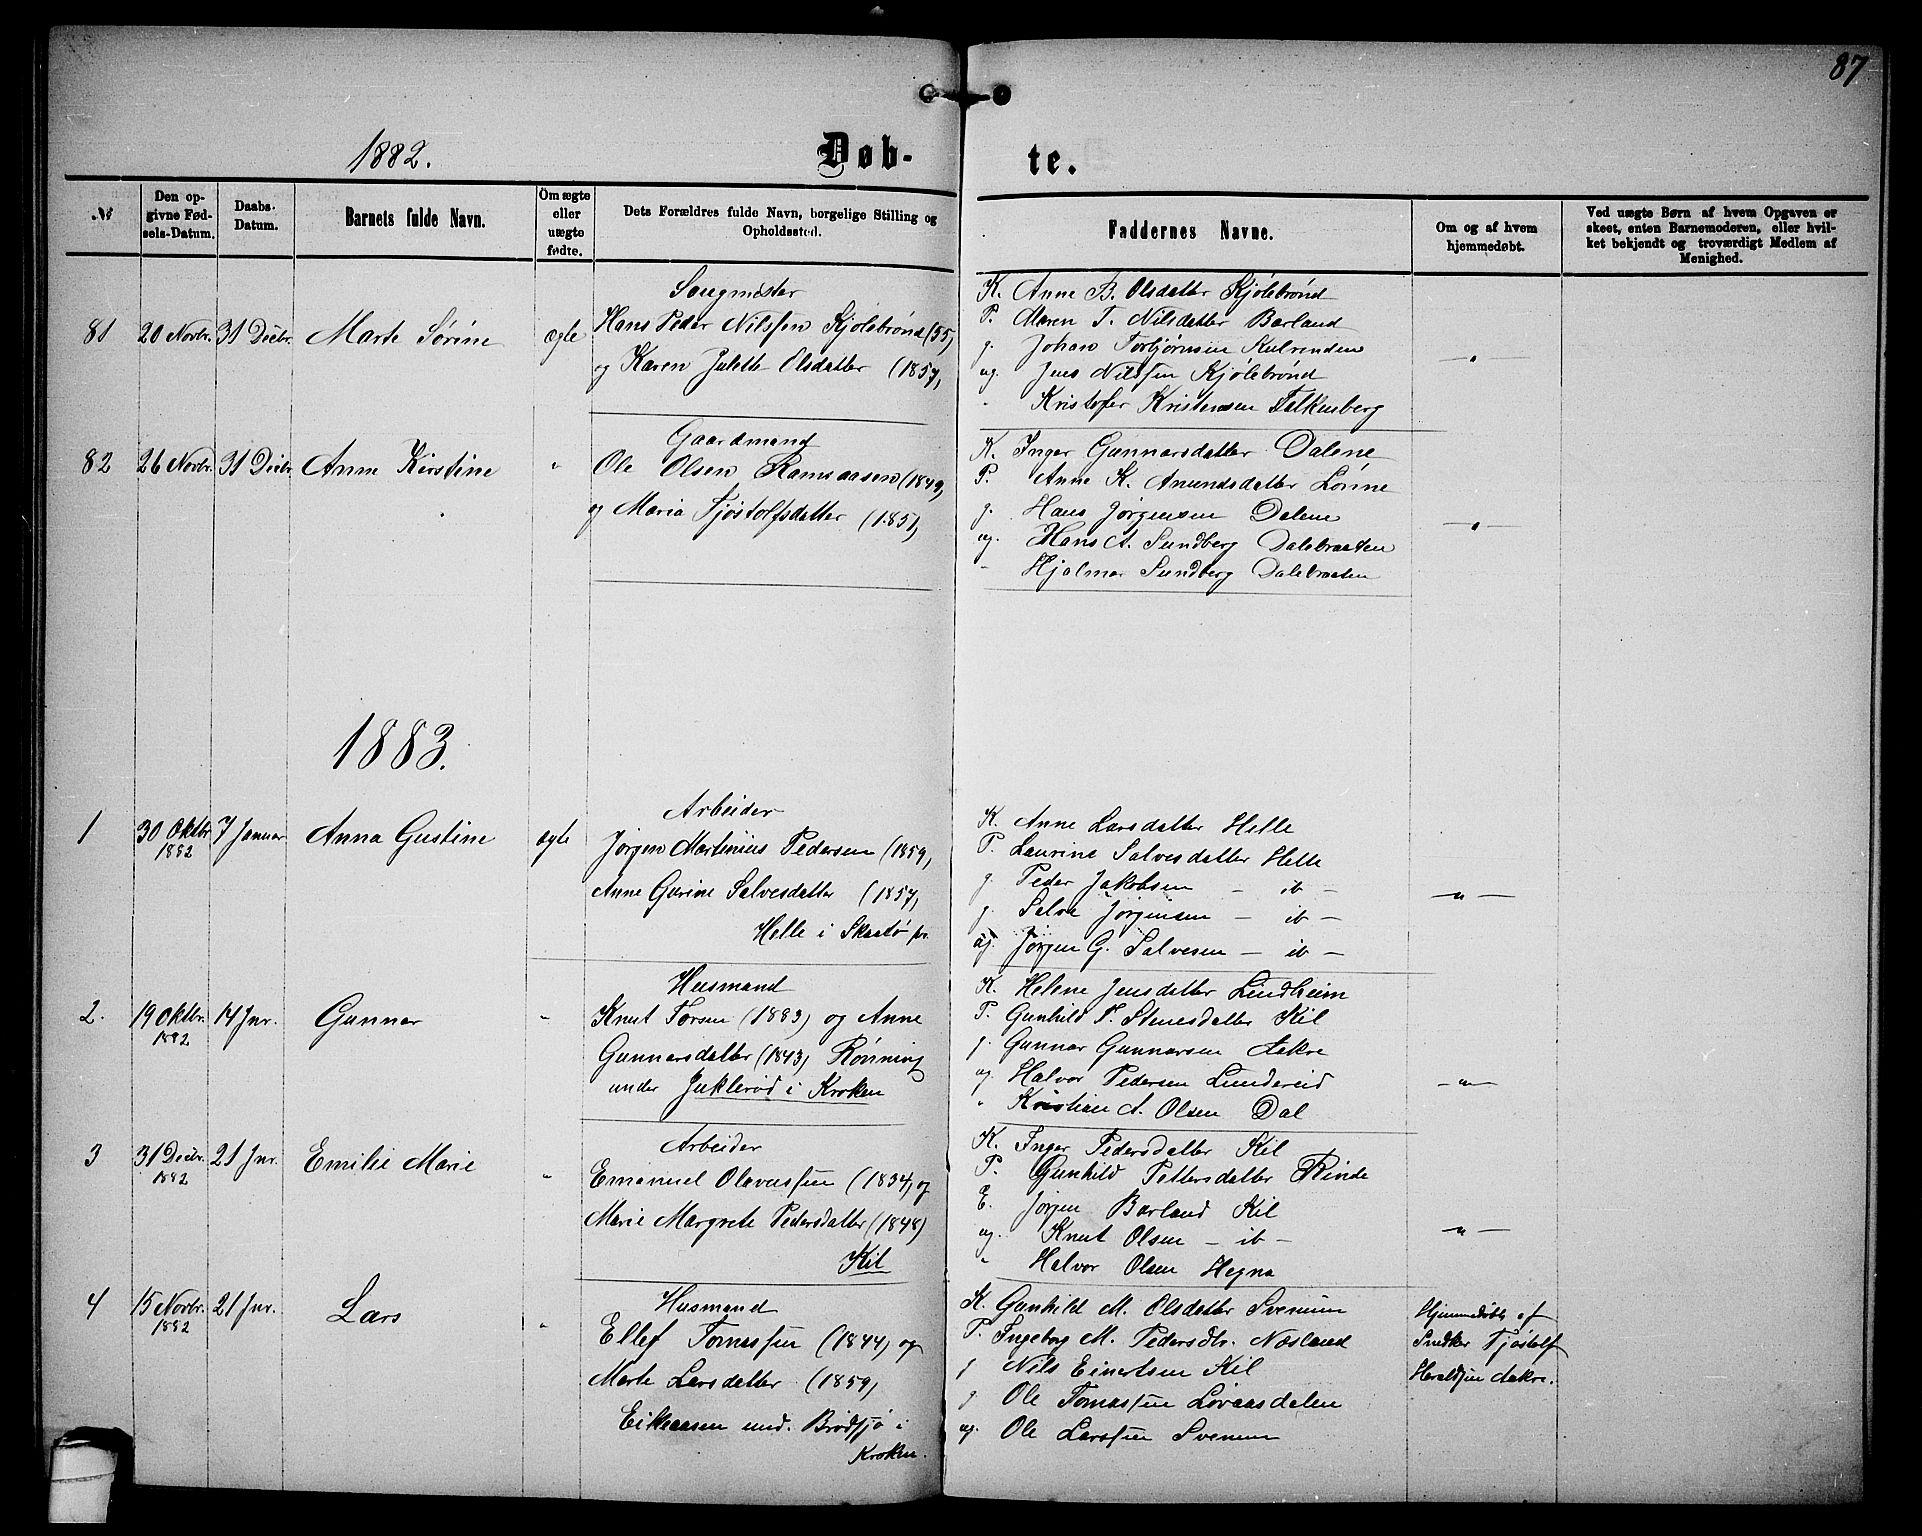 SAKO, Sannidal kirkebøker, G/Ga/L0002: Klokkerbok nr. 2, 1875-1886, s. 87